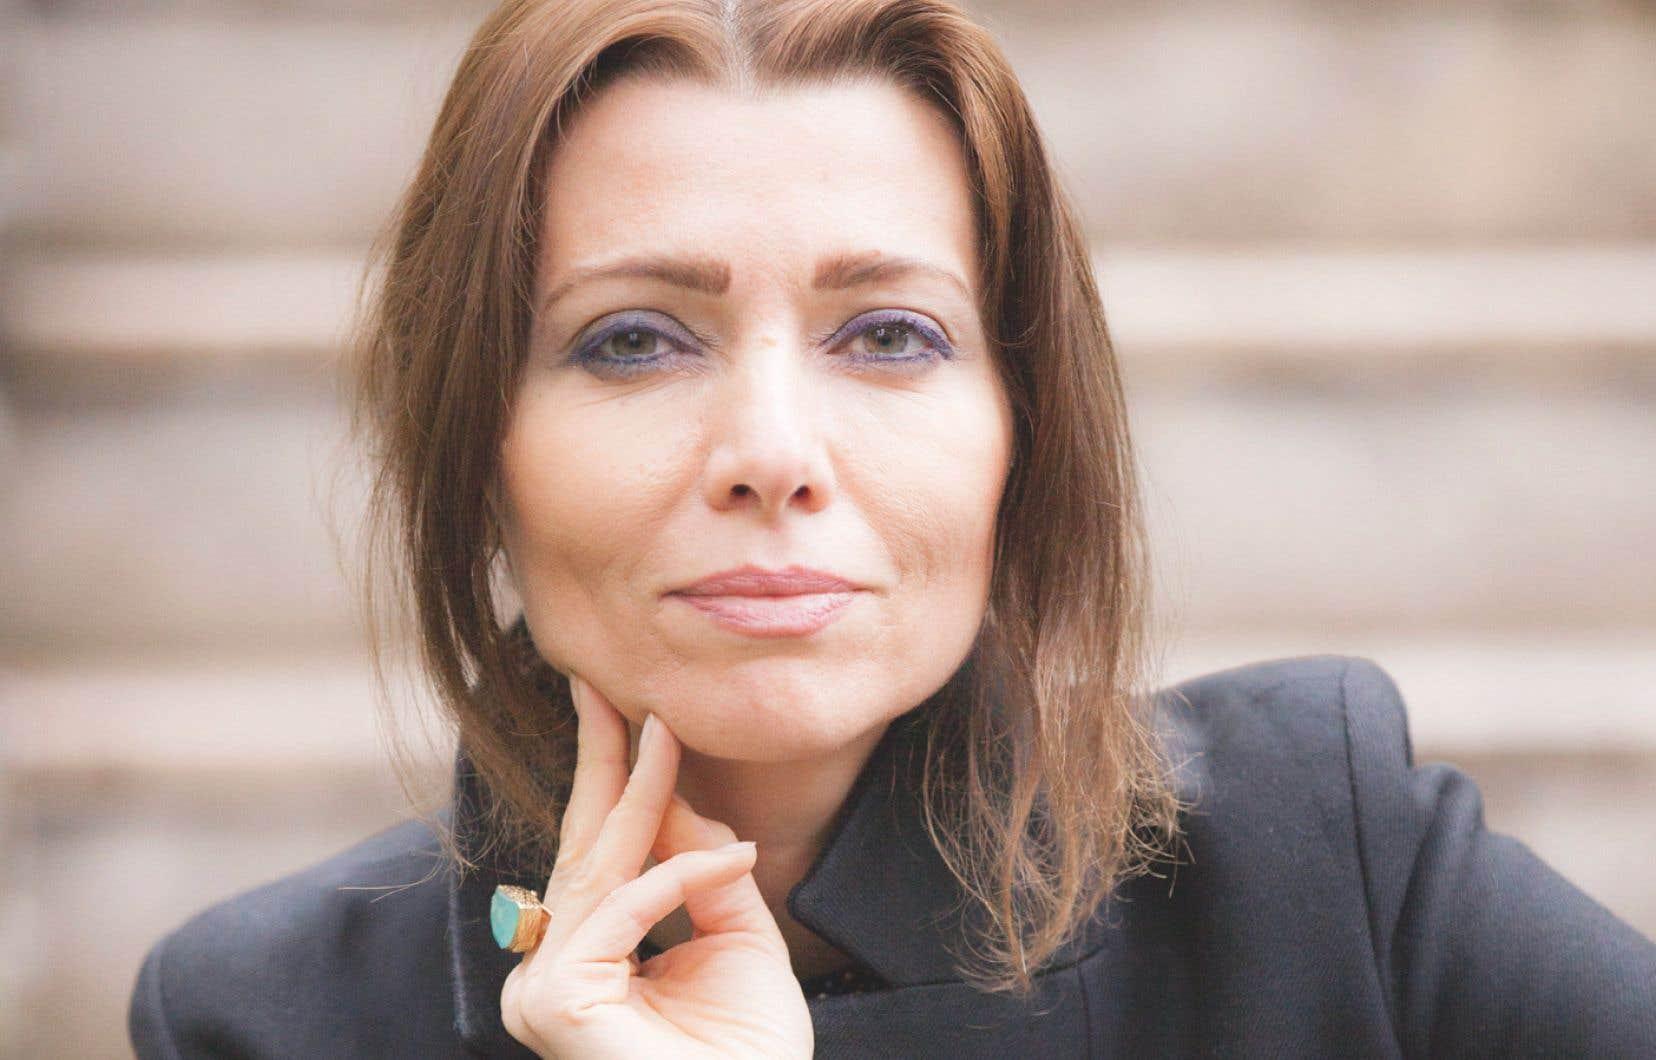 Elif Shafak donne ici la parole aux sans-voix et aux marginaux.